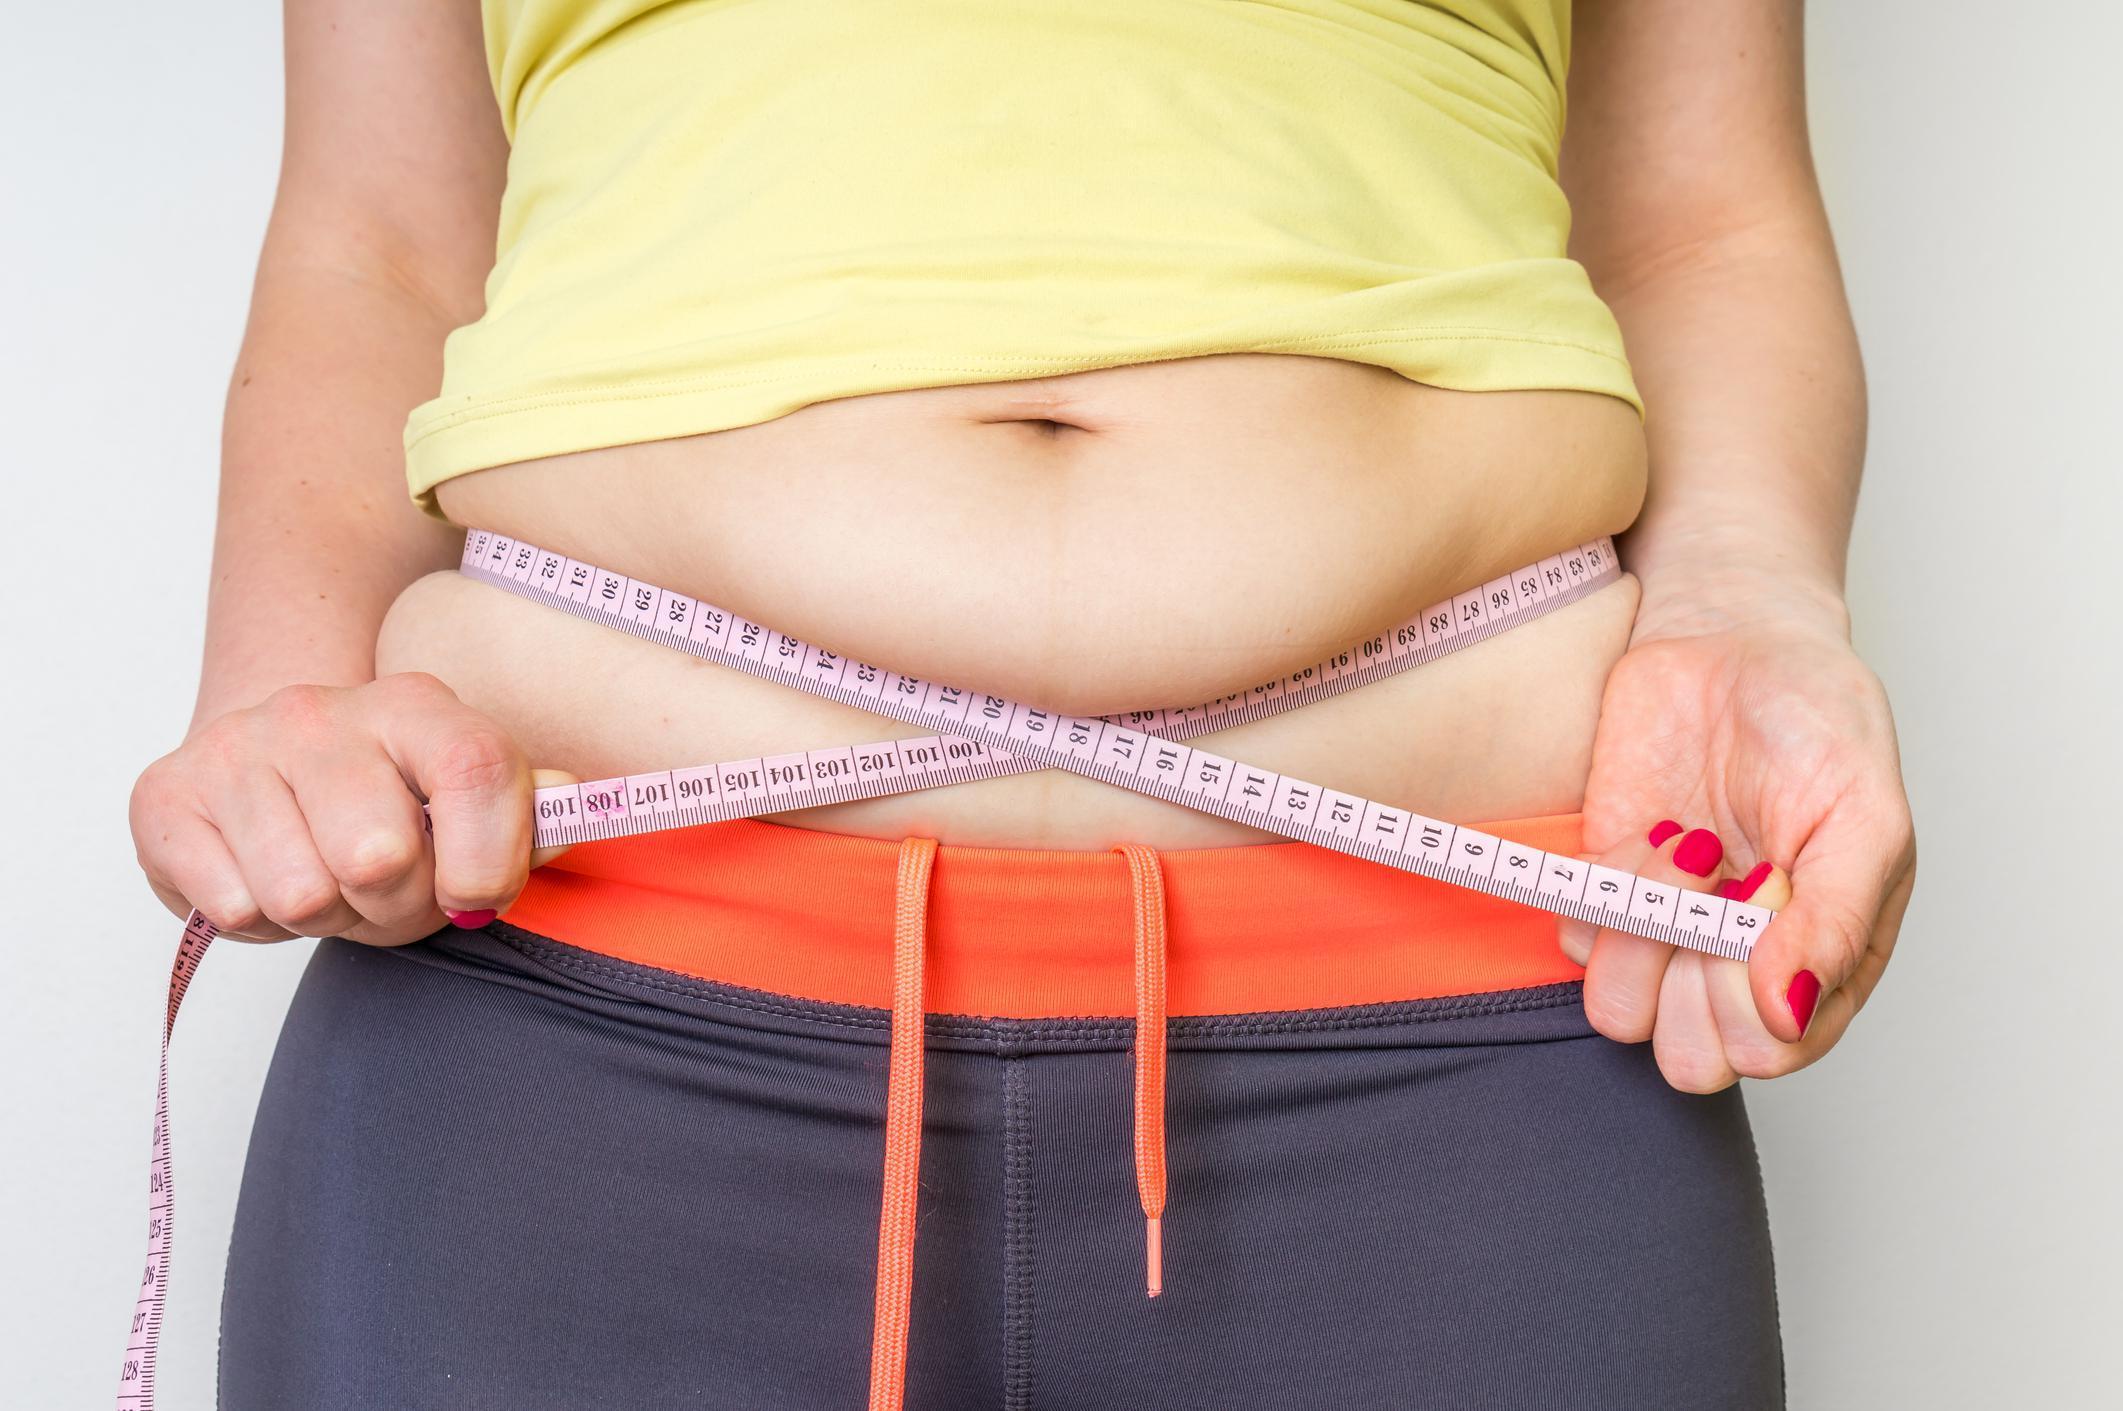 Ameliyatsız obezite tedavisi: Yutulabilir mide balonu #2